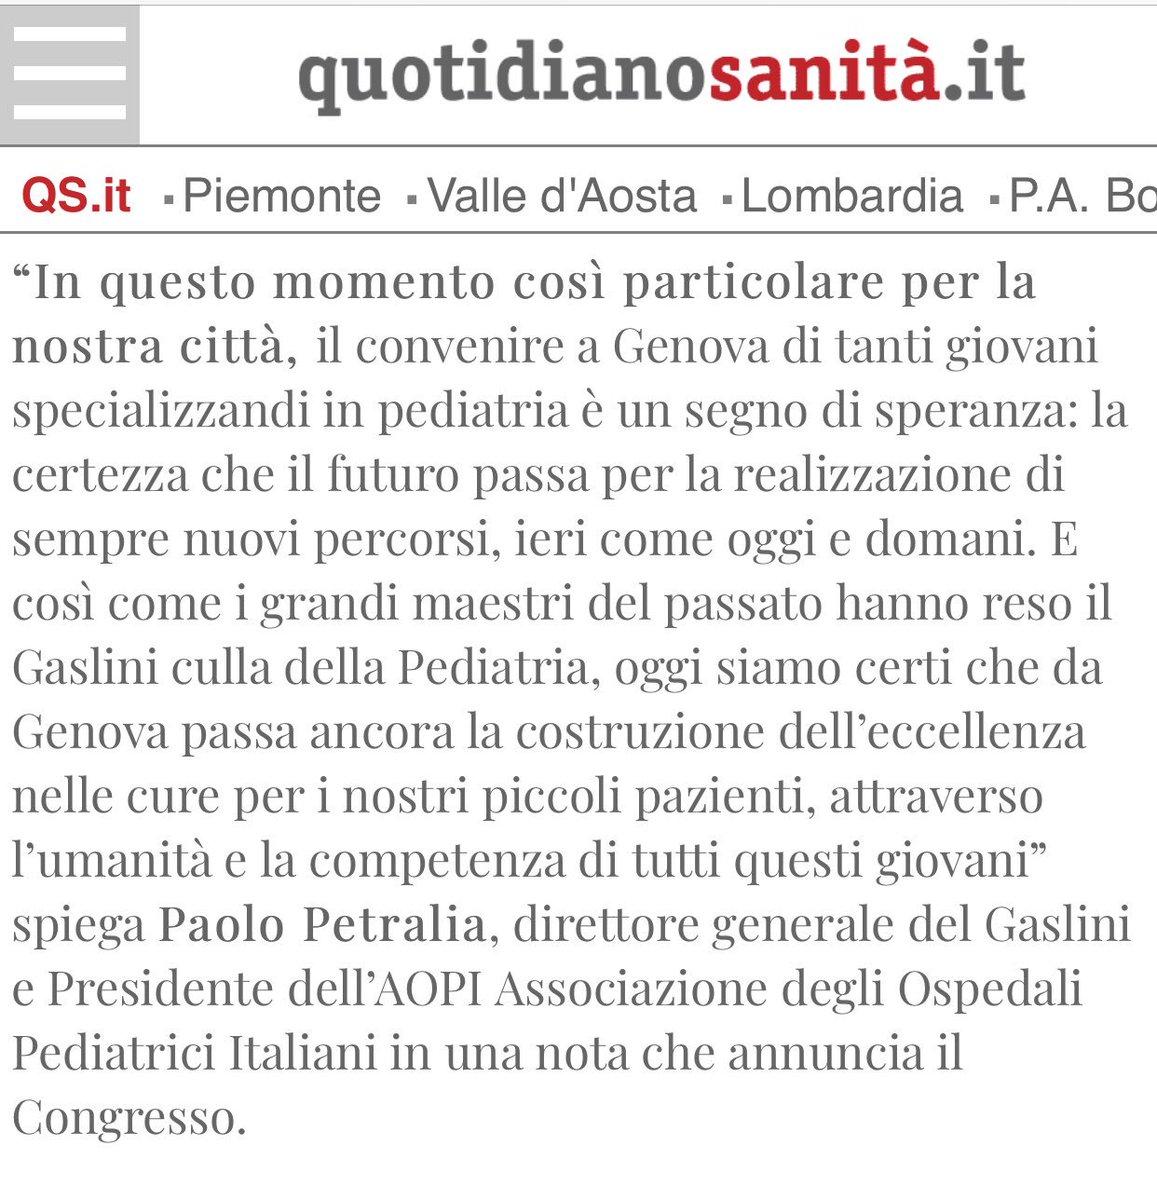 Dg @OspedaleGaslini annuncia congresso nazionale specializzandi italiani pediatria a #Genova dal 19 al 22 settembre  - Ukustom